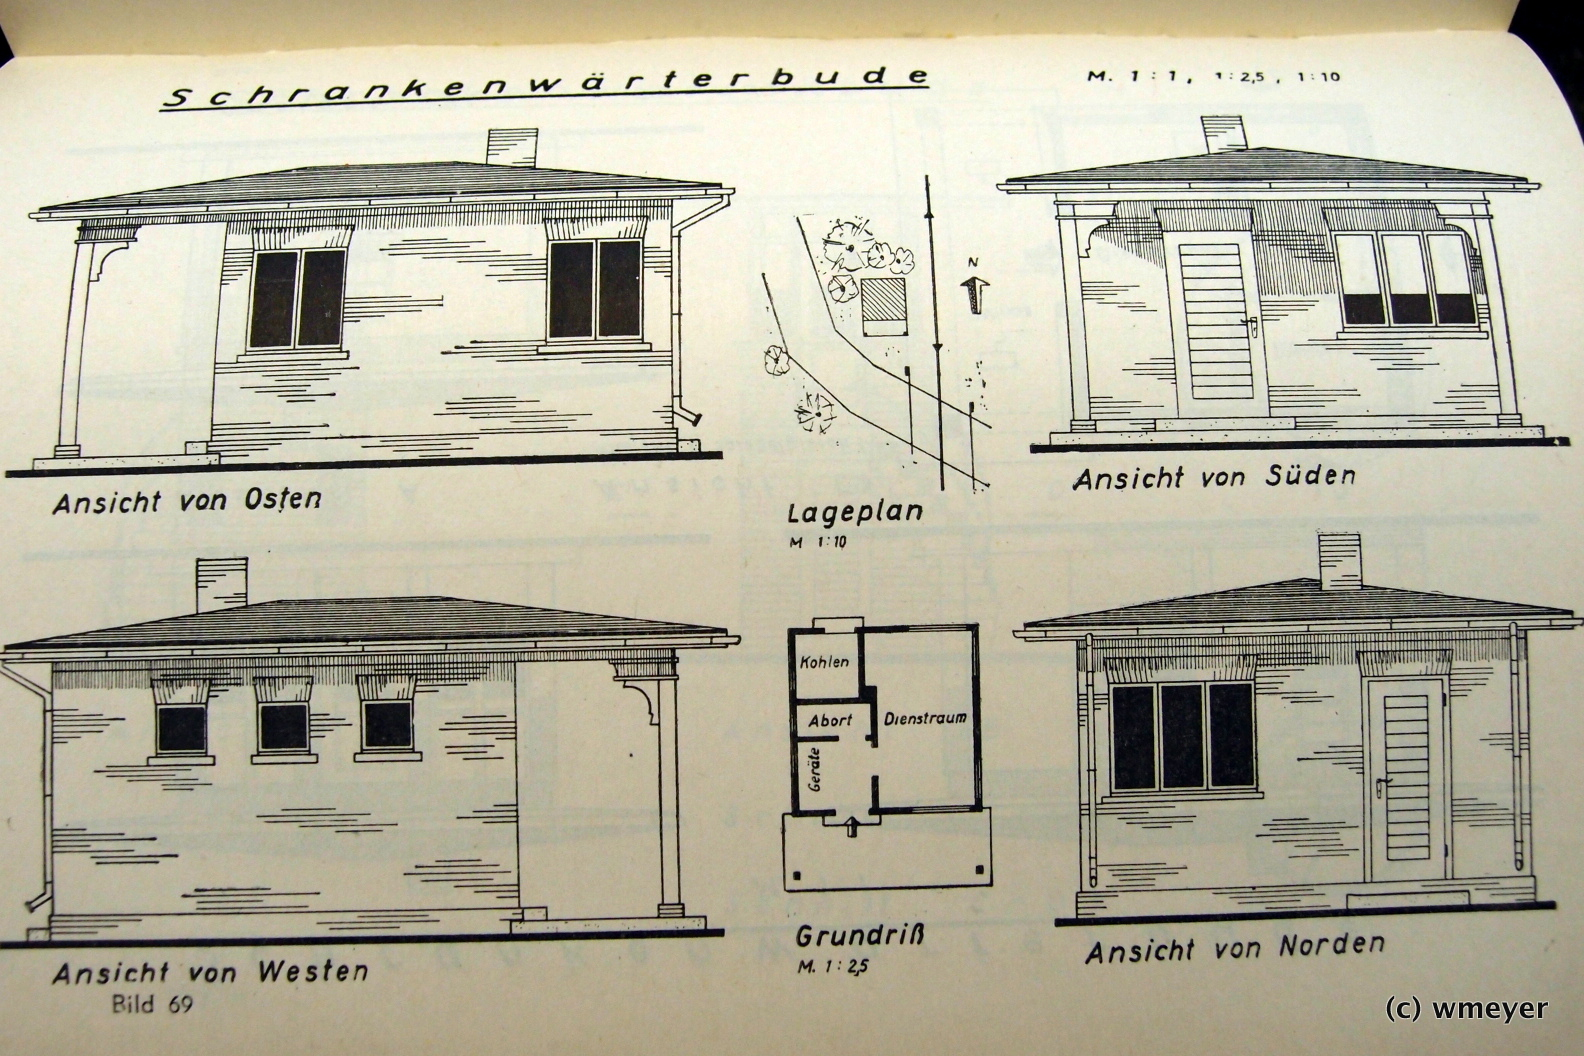 Vorbildzeichnungen für das bereits gebaute Bahnwärterhaus